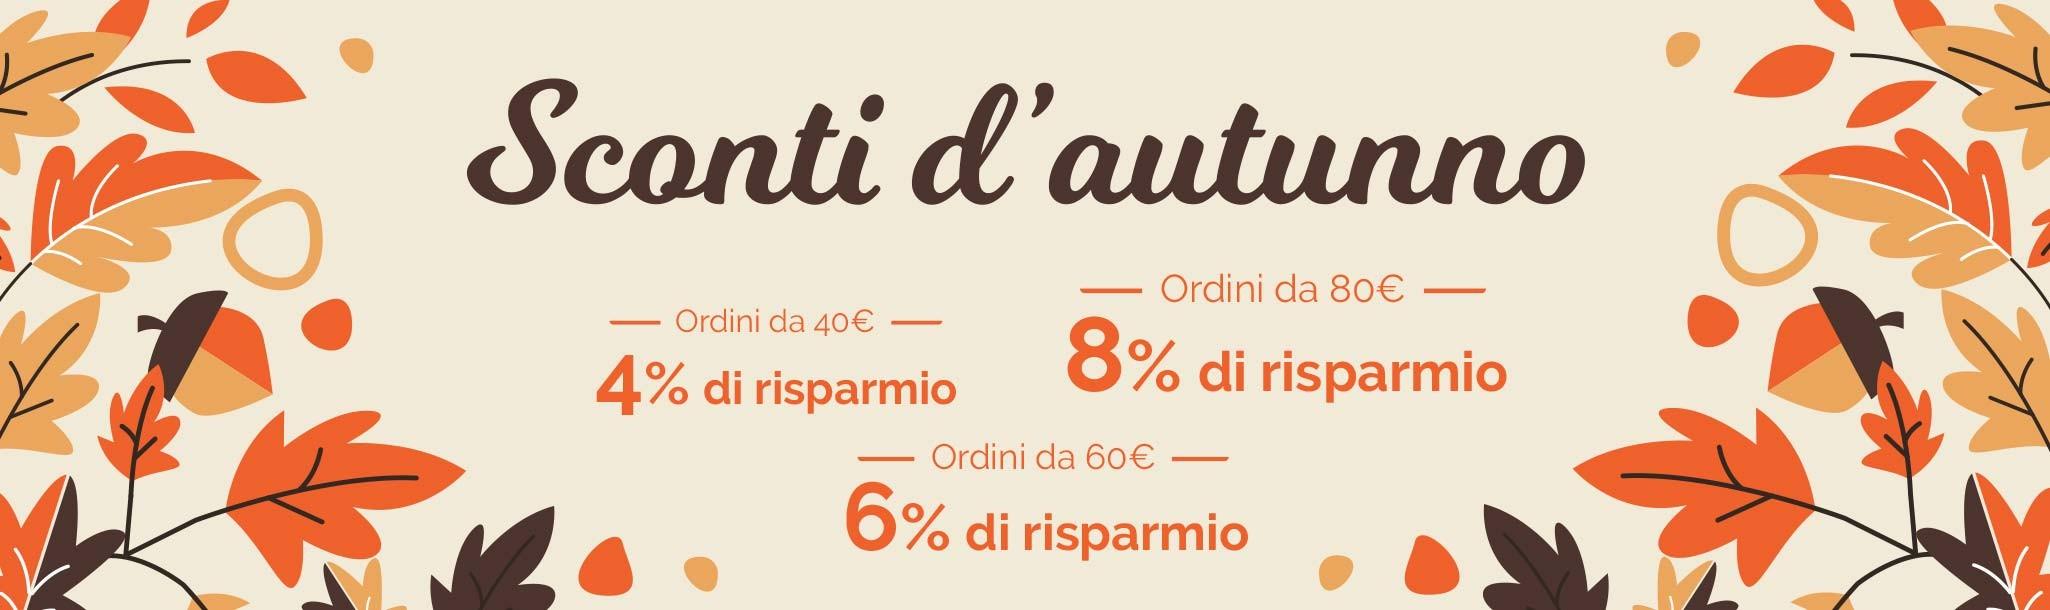 Sconti d'autunno - Risparmia fino all'8%